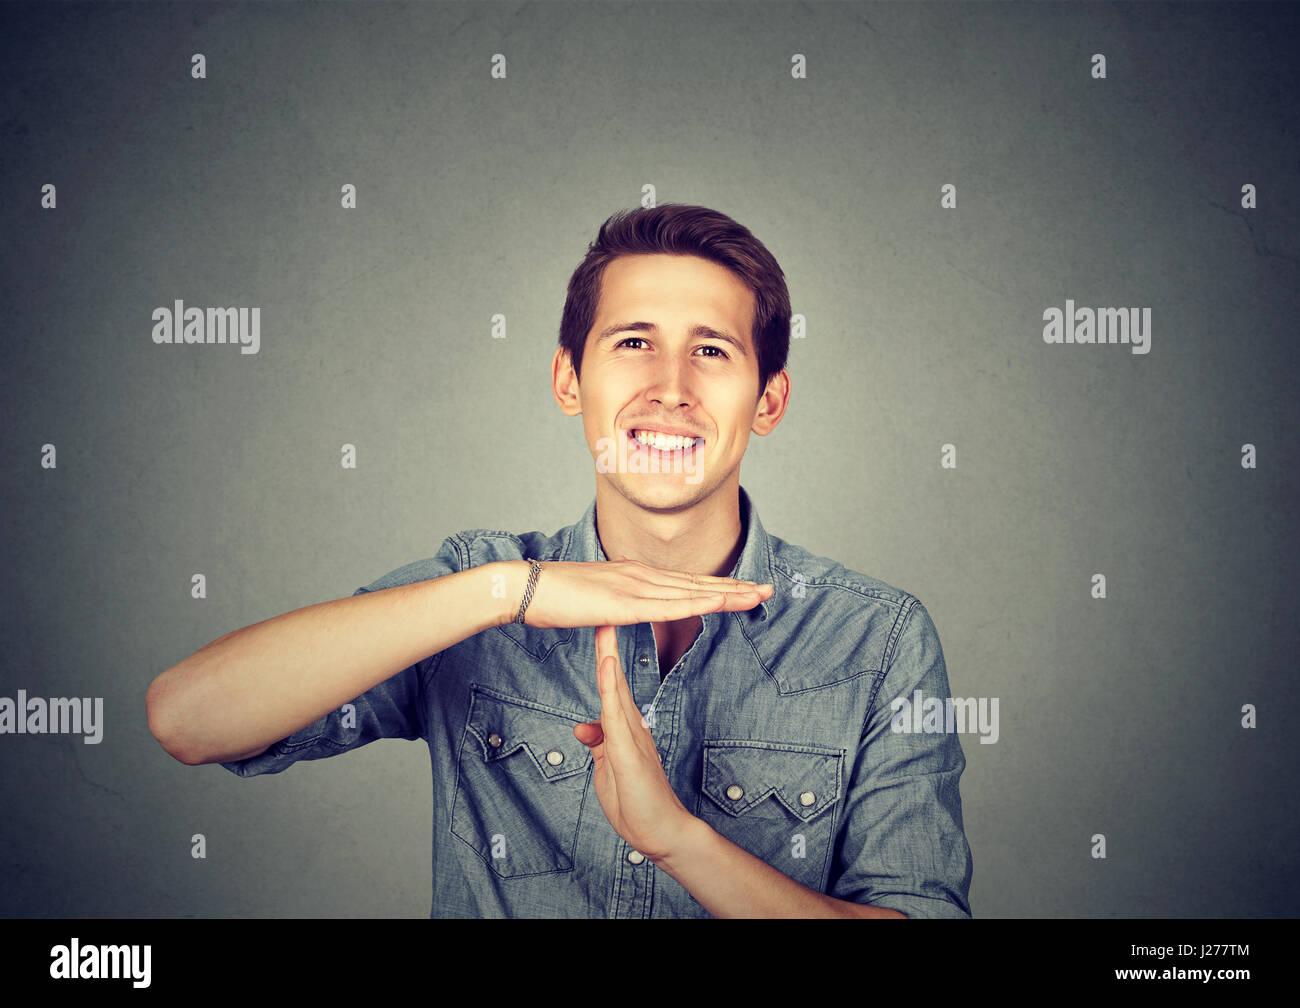 glücklicher Mann geben Auszeit Handbewegung auf graue Wand Hintergrund isoliert Stockbild